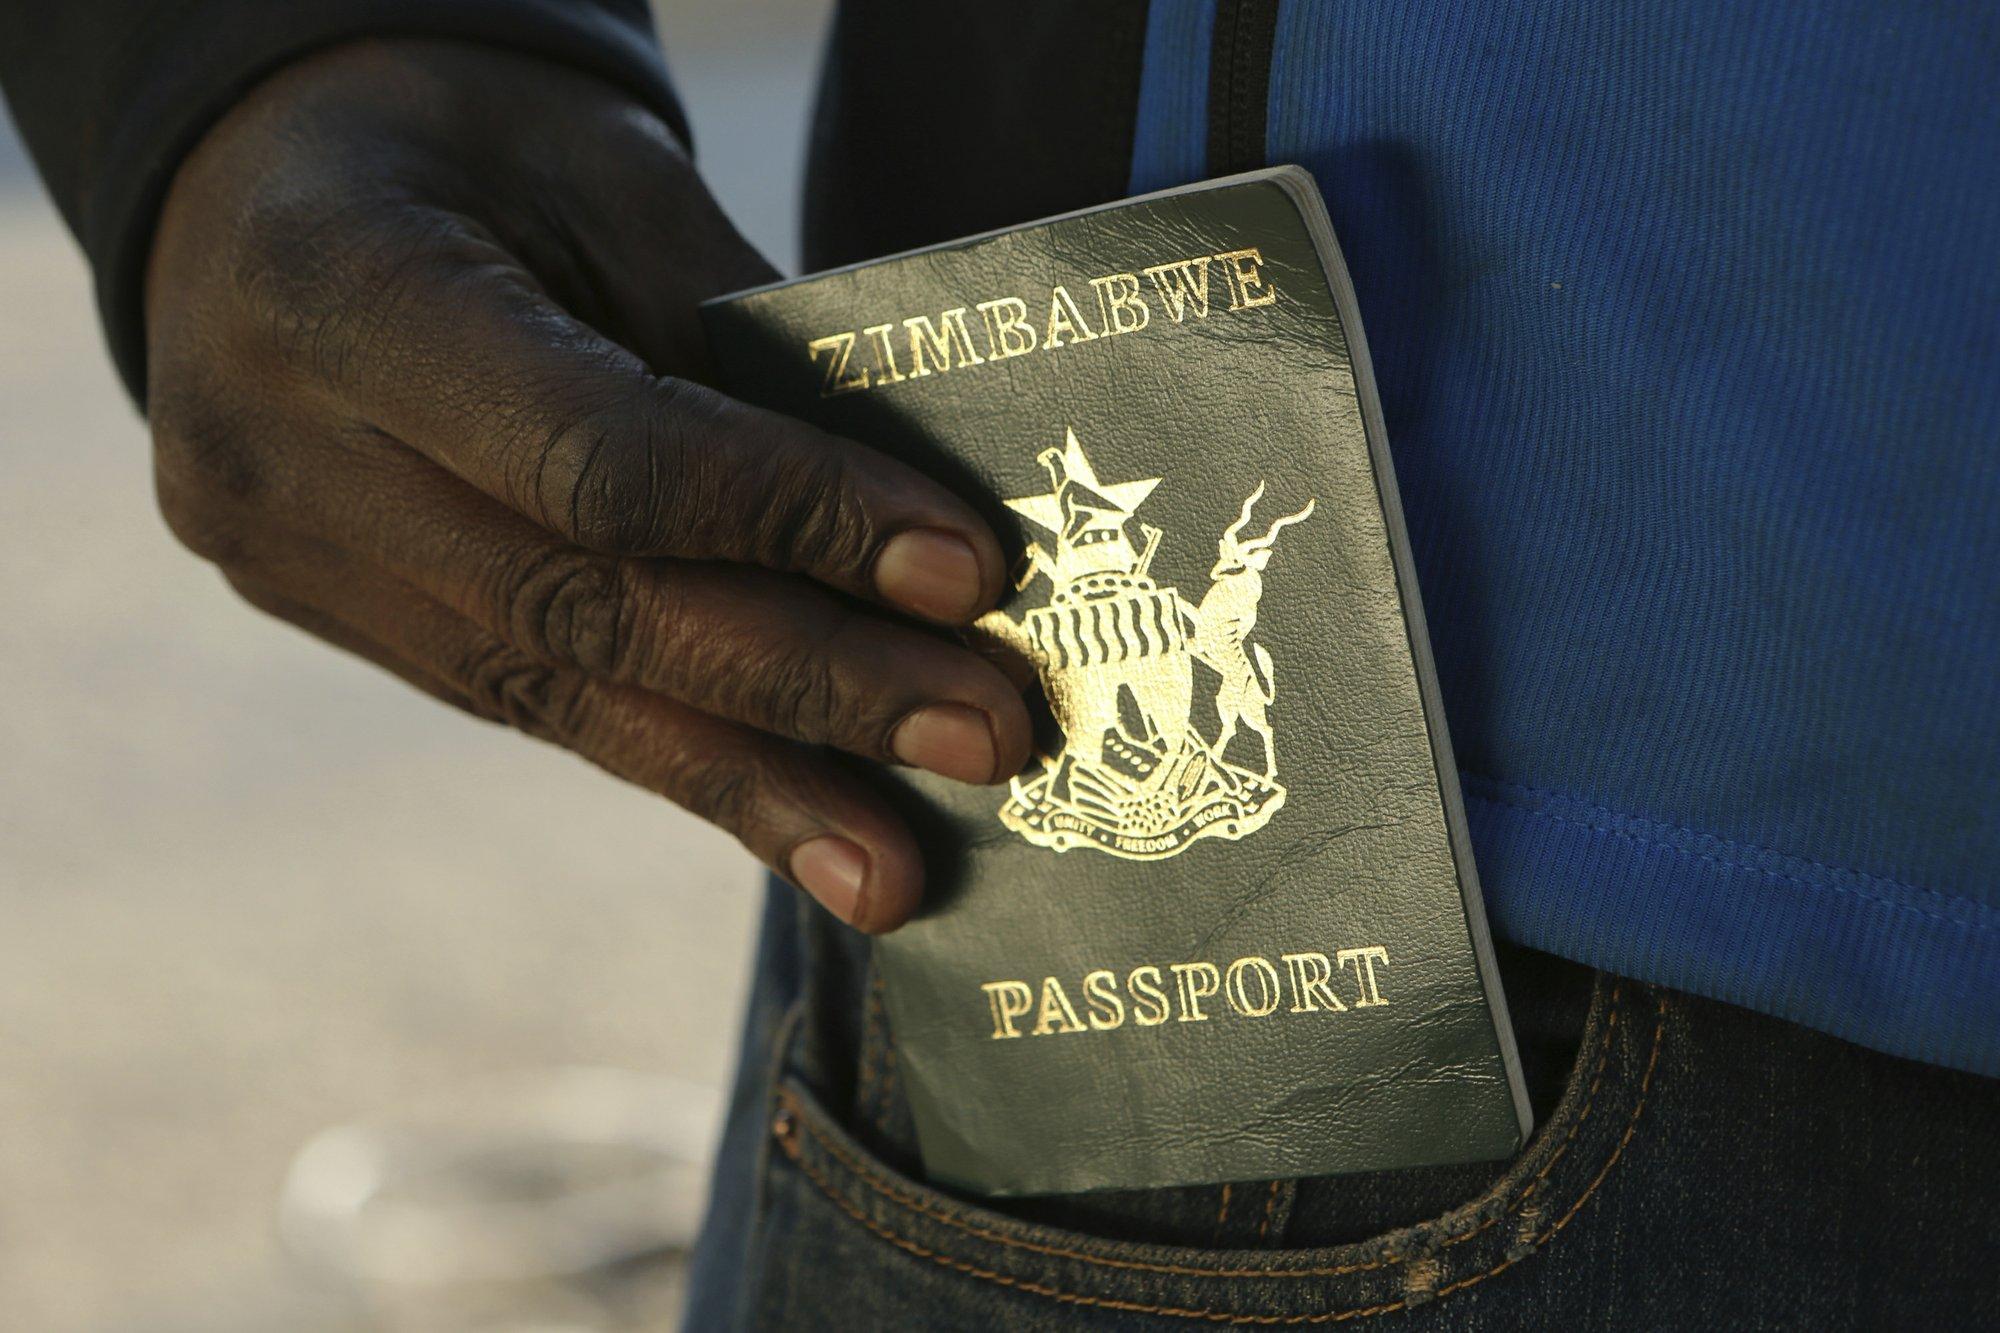 'We are trapped': Zimbabwe's economic crunch hits passports